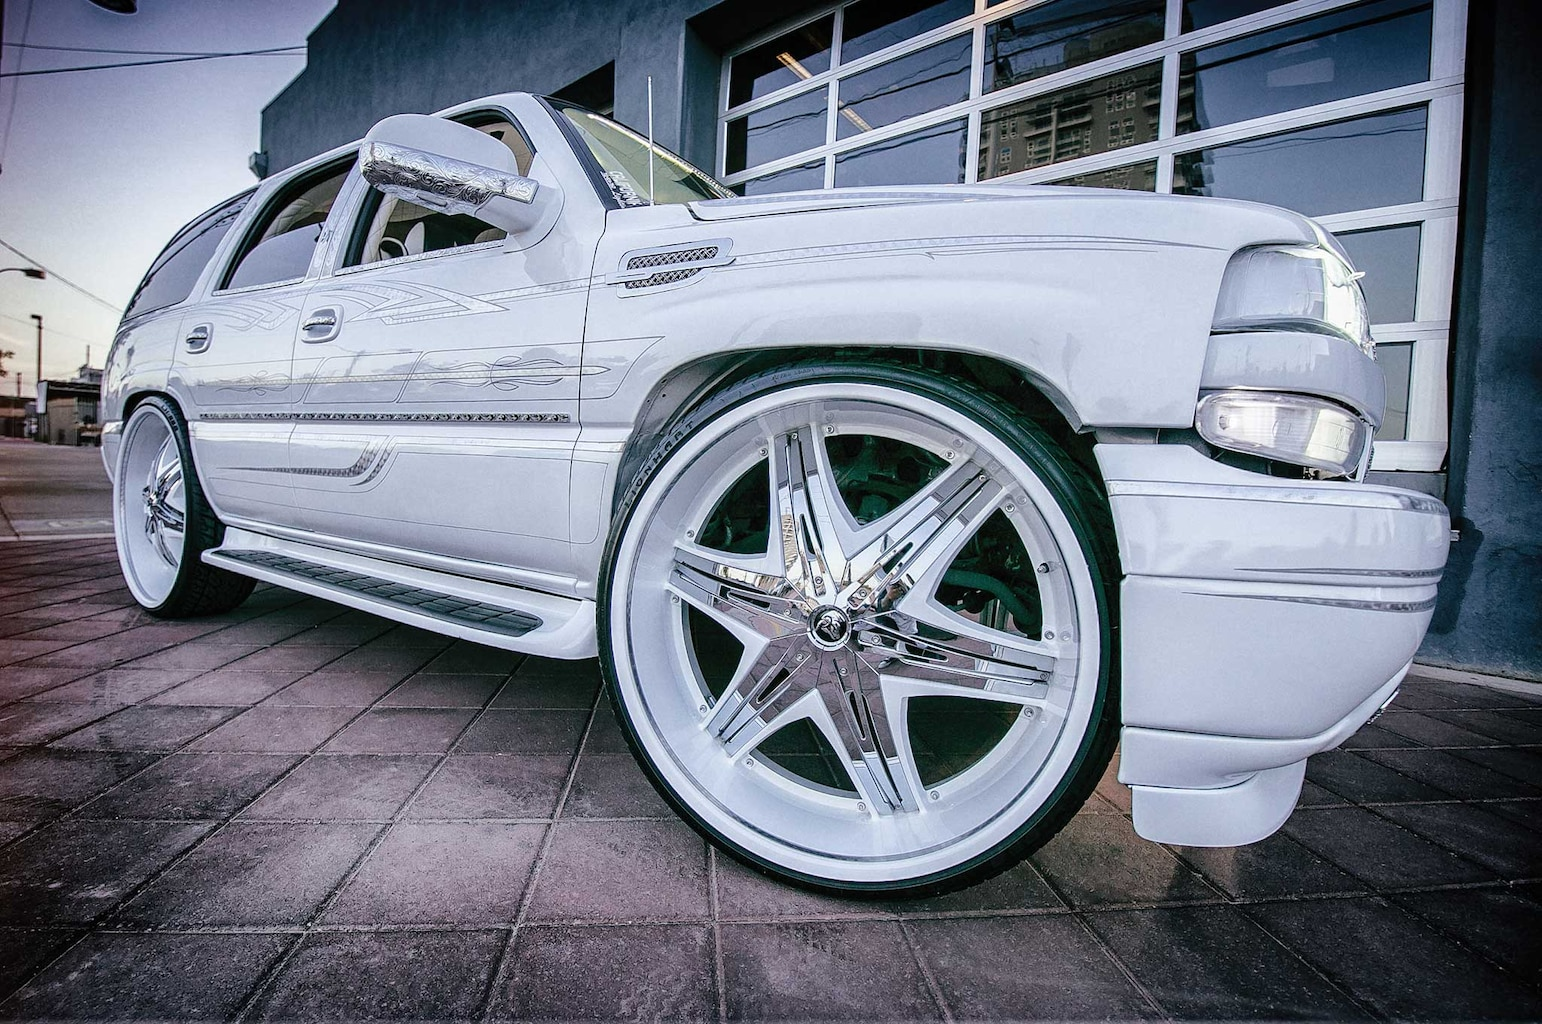 2005 chevrolet tahoe diablo elite wheel 005